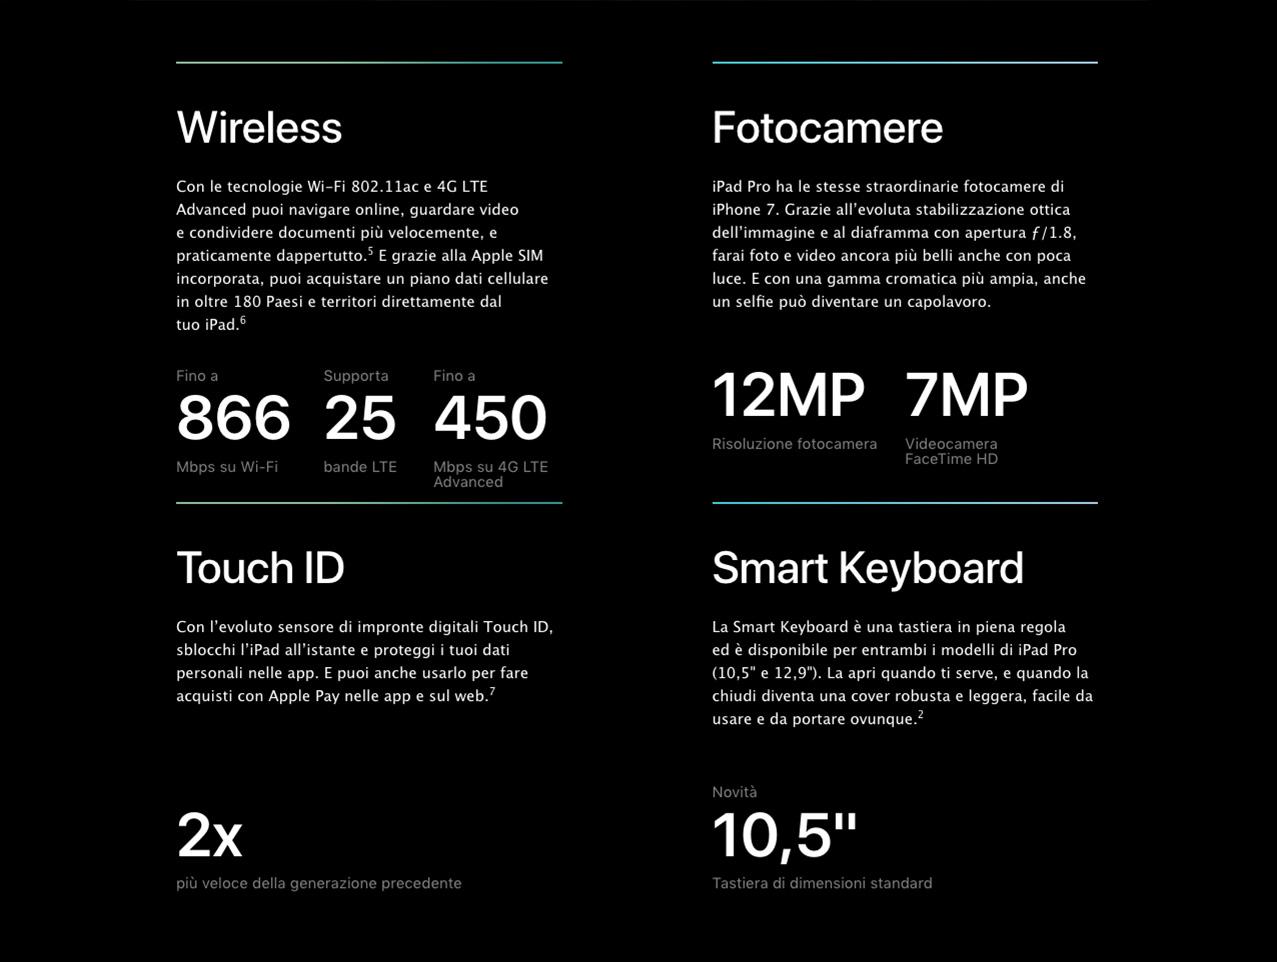 iPad Pro caratteristiche